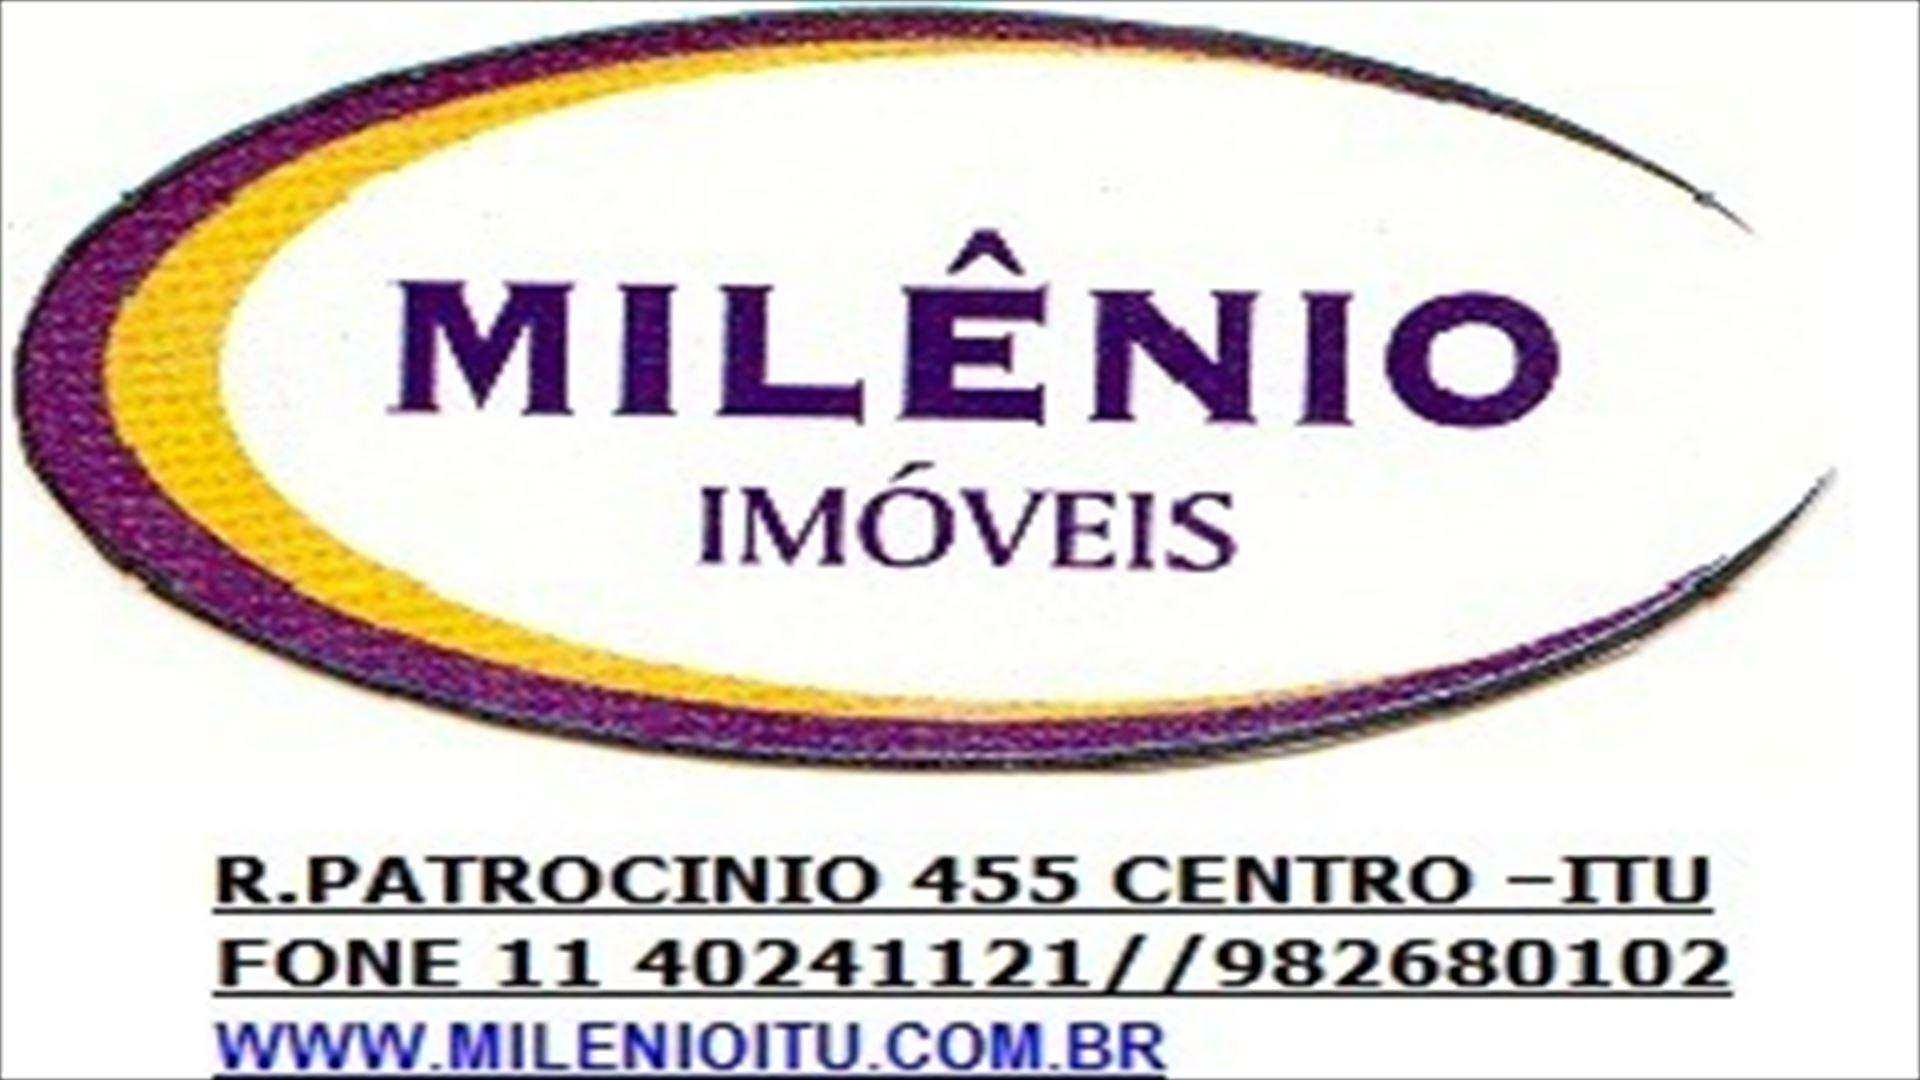 137700-LOGO_TIPO_MILENIO1.jpg